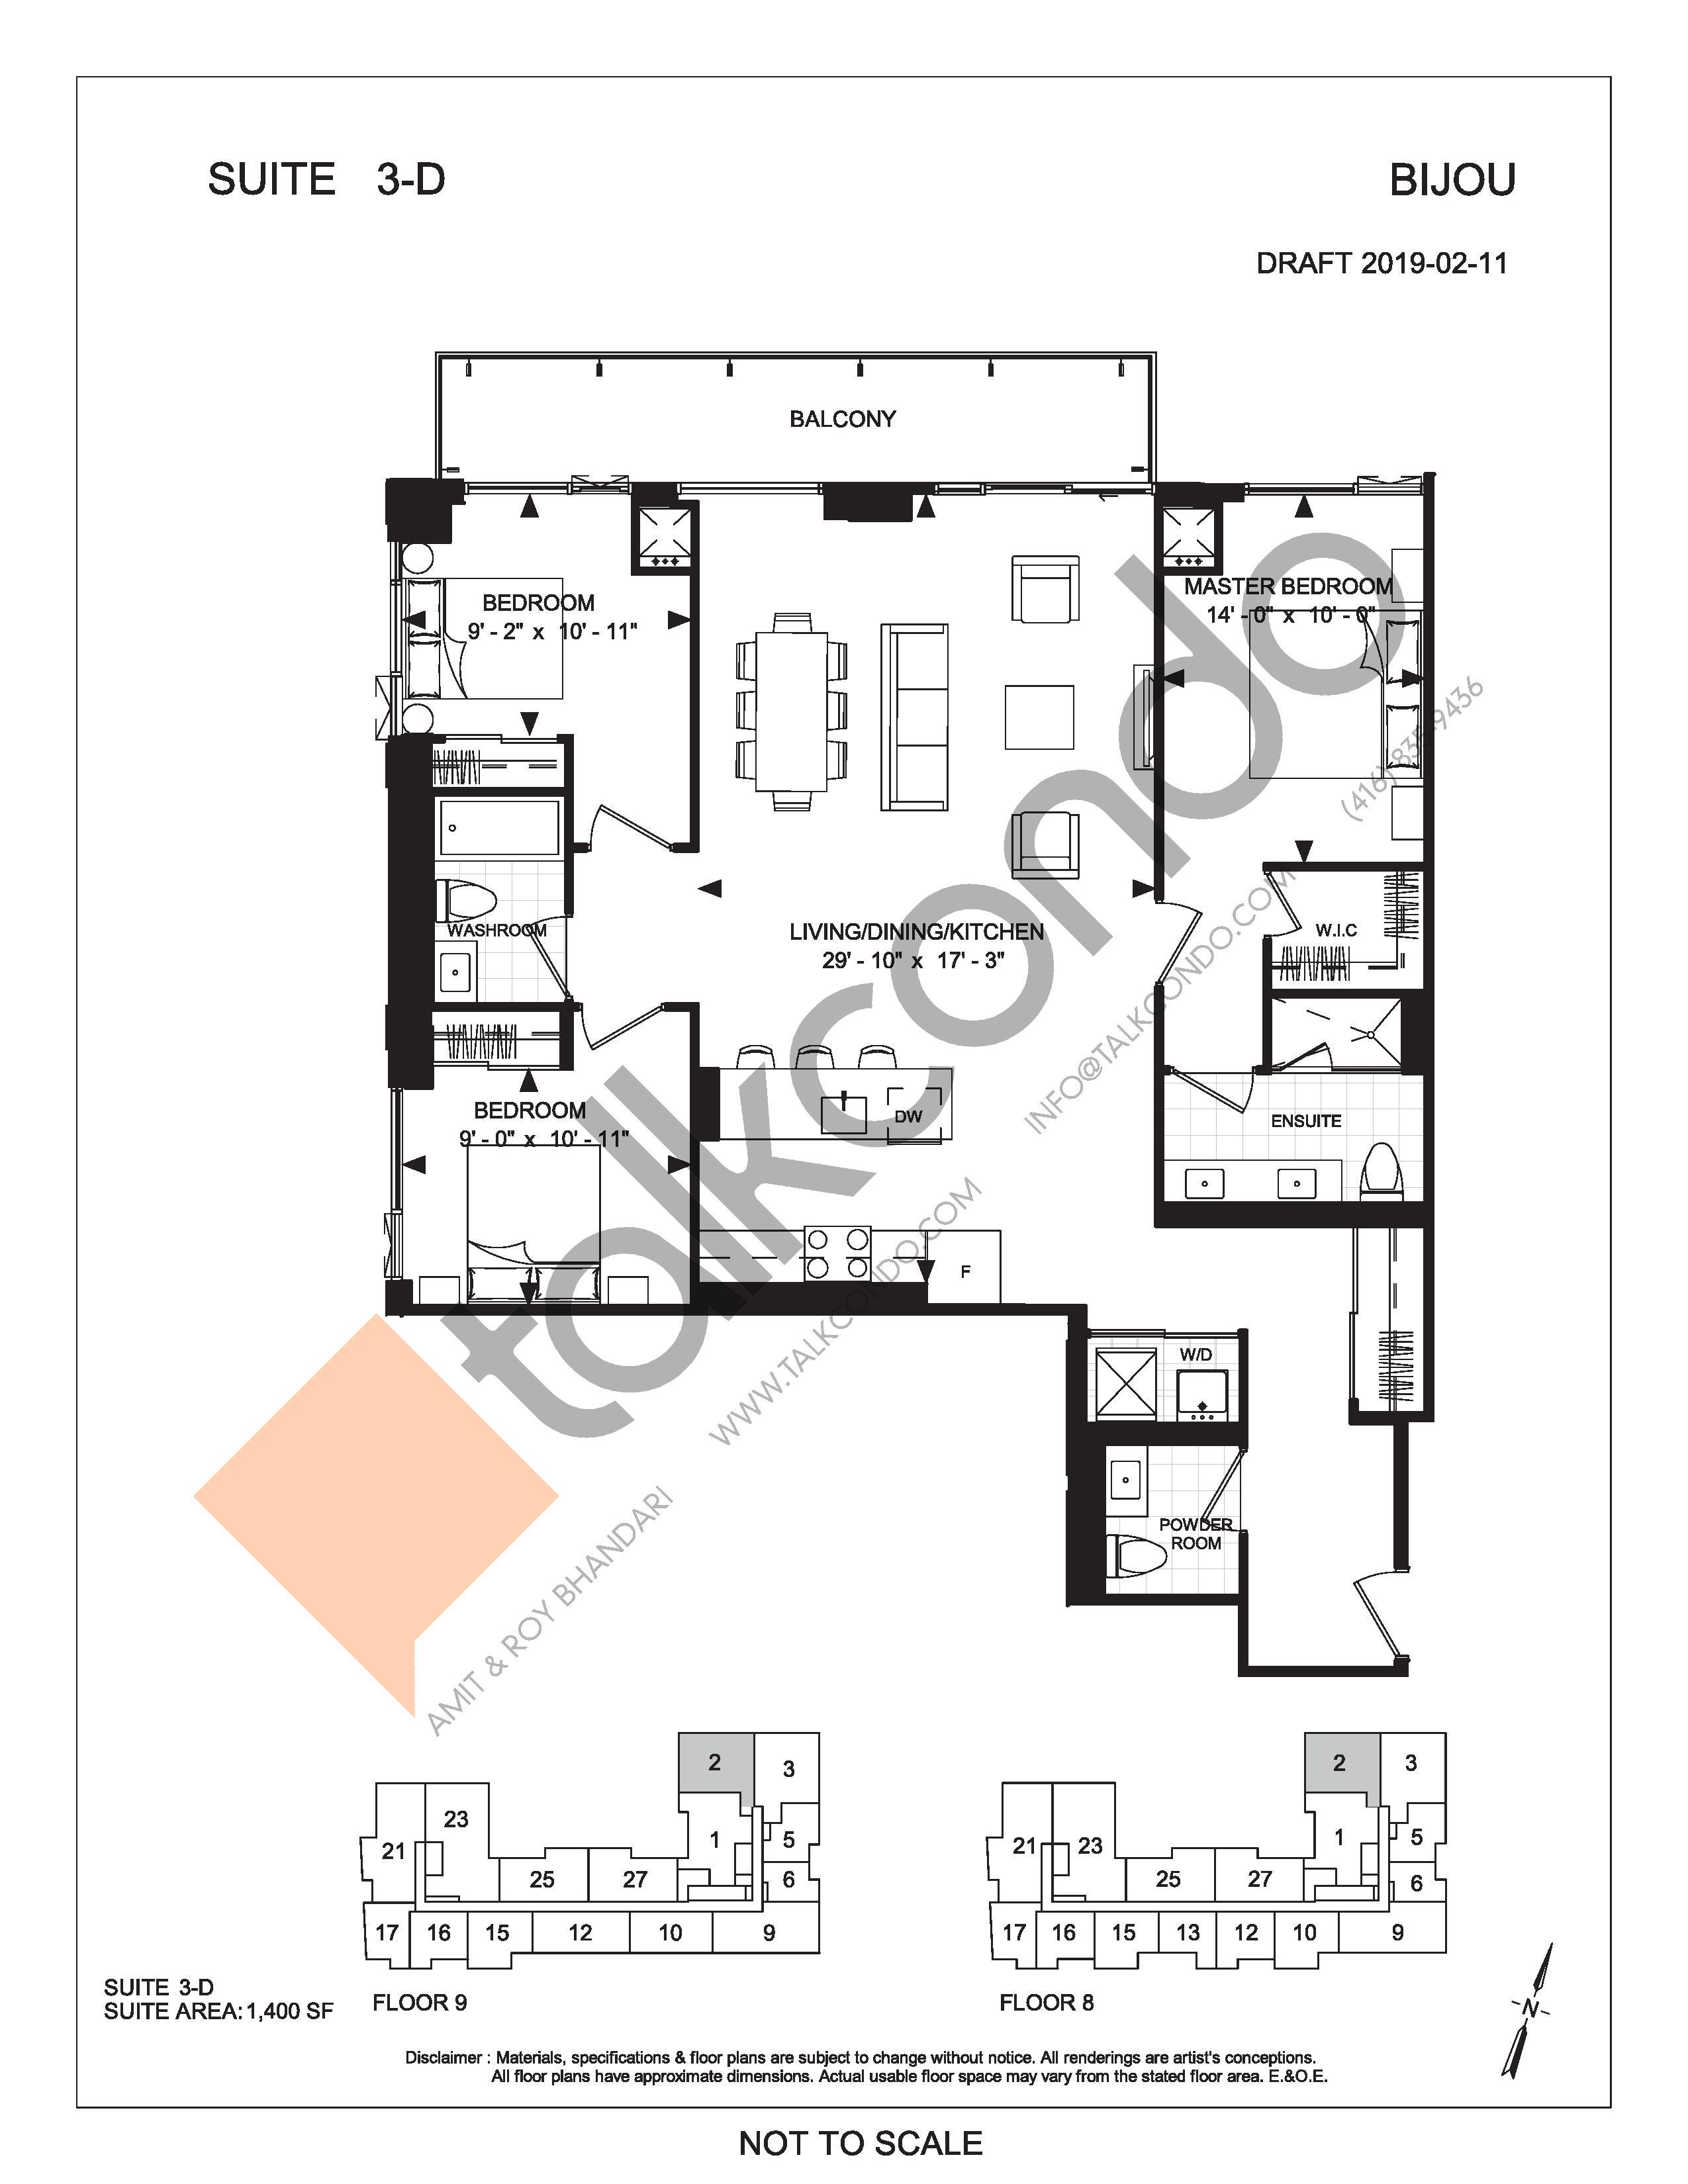 Suite 3-D Floor Plan at Bijou On Bloor Condos - 1400 sq.ft